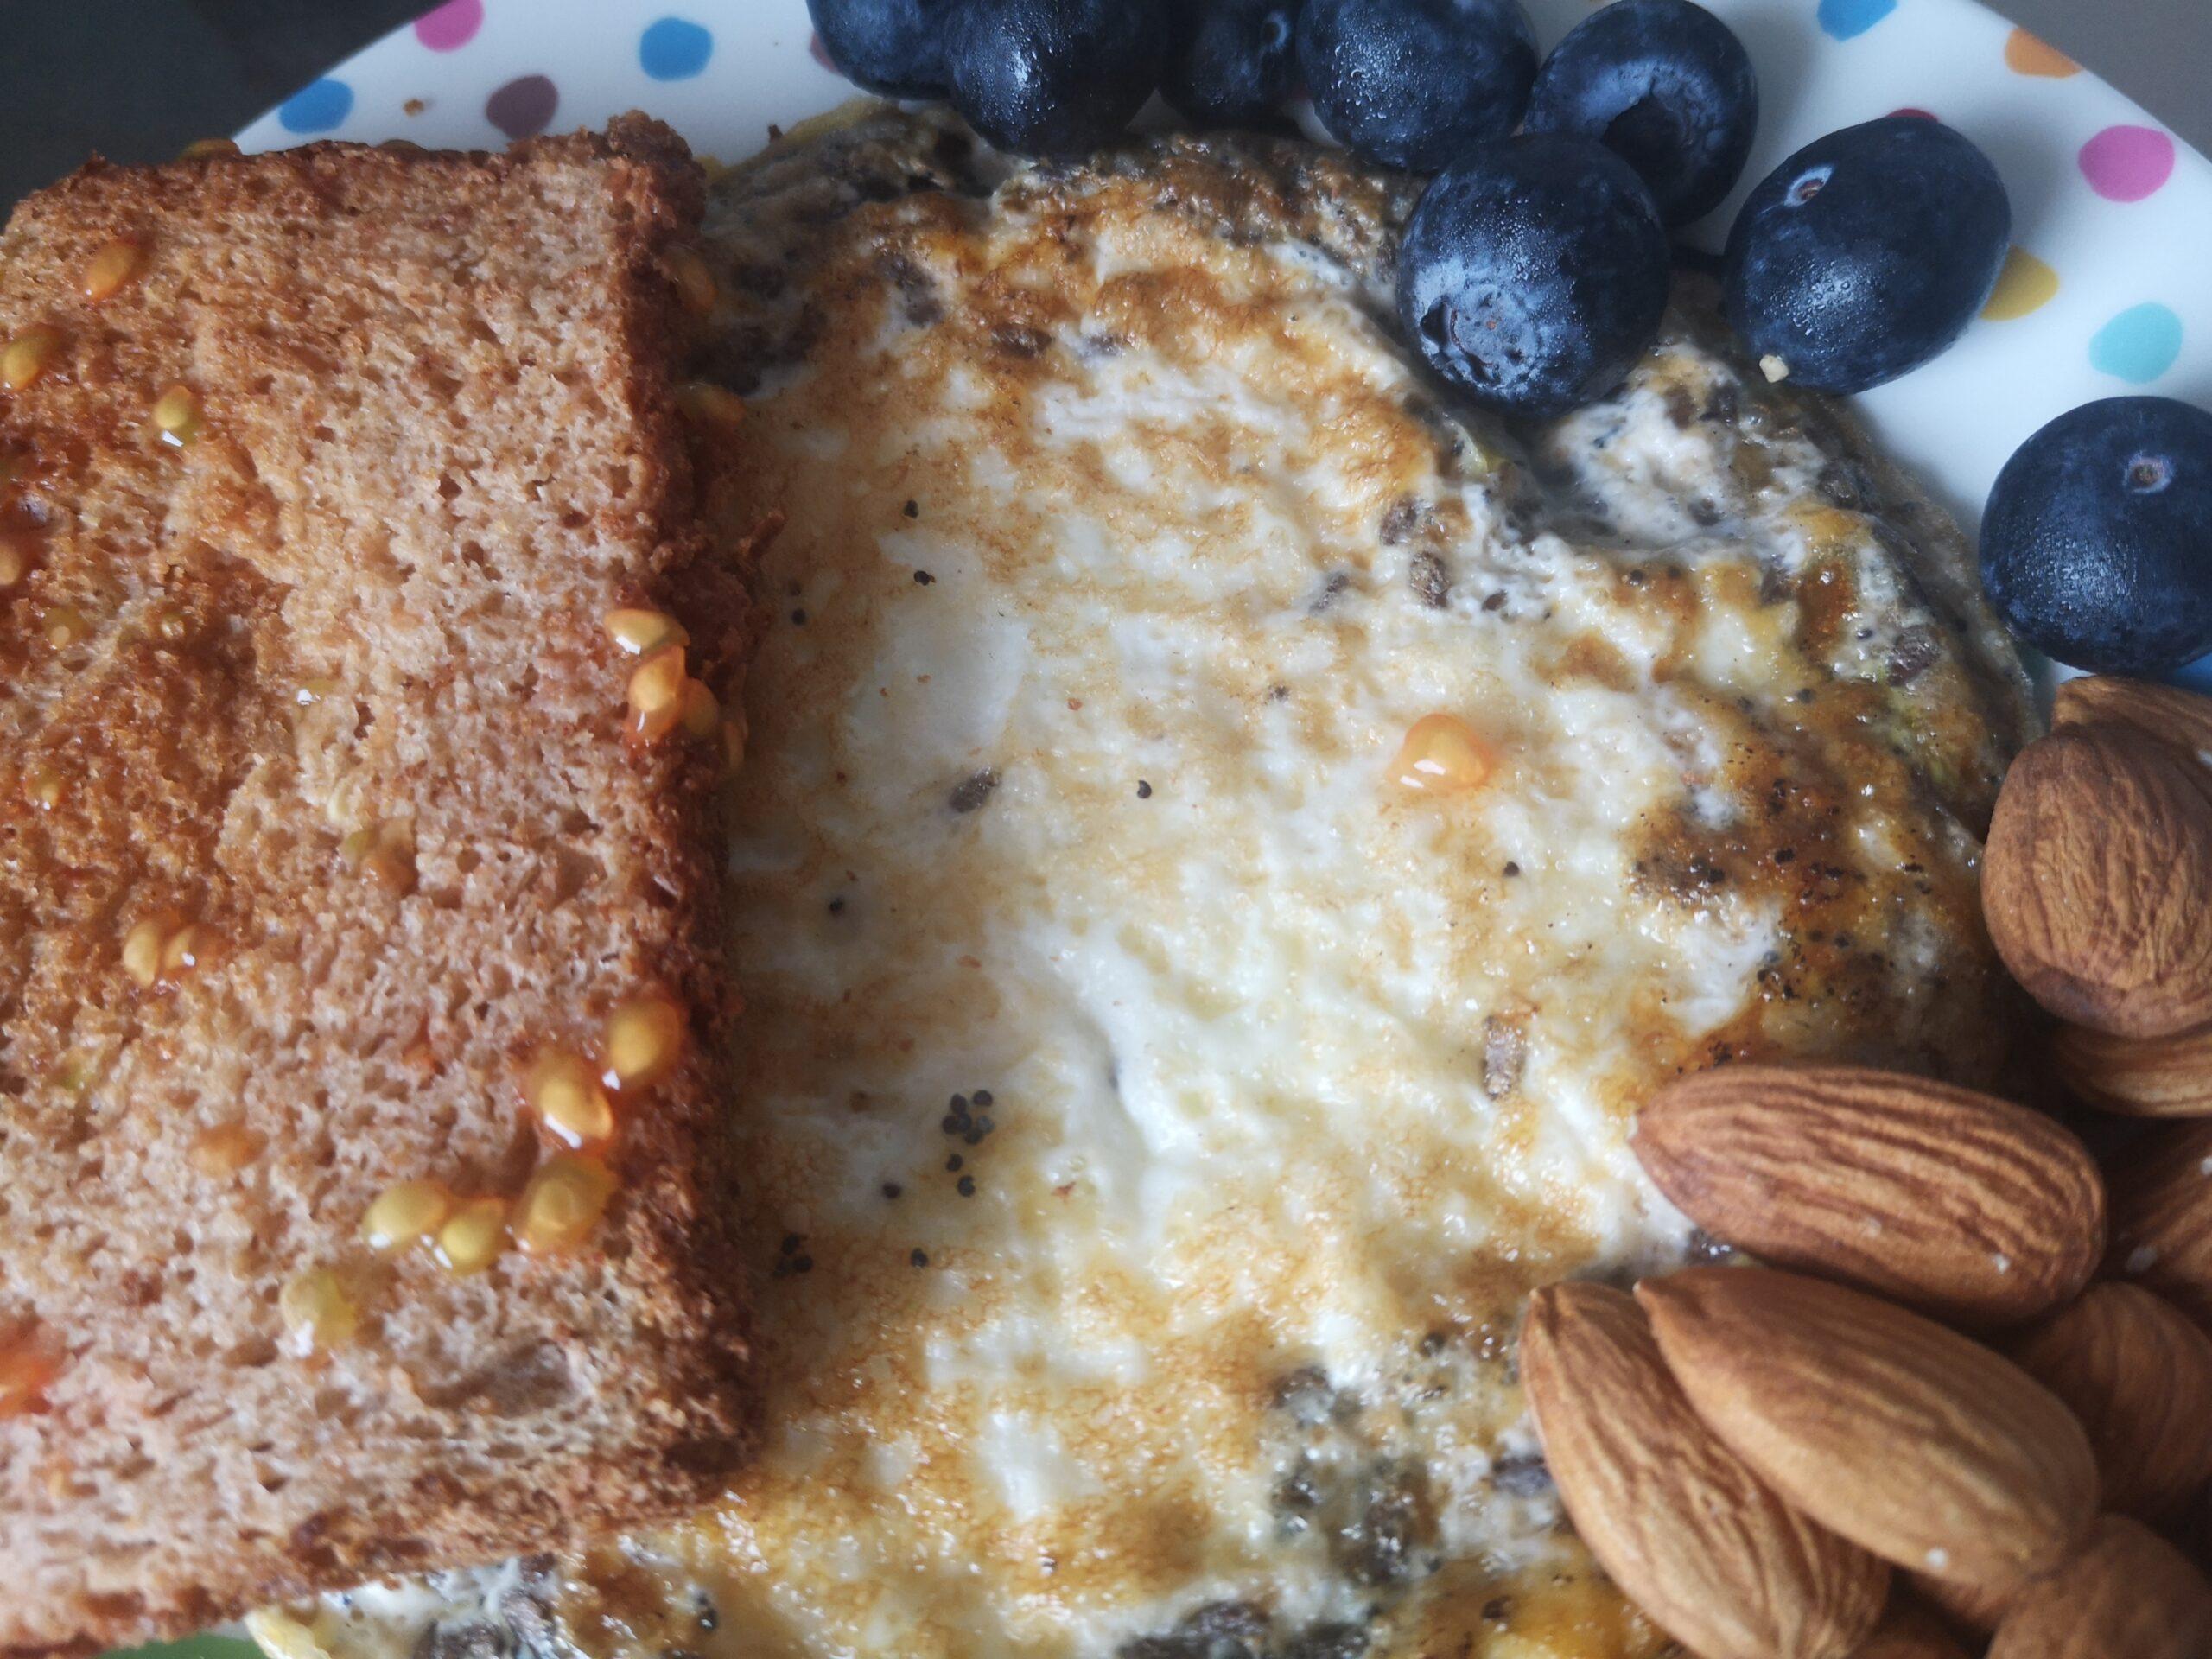 Desayuno de tortilla PMathelan